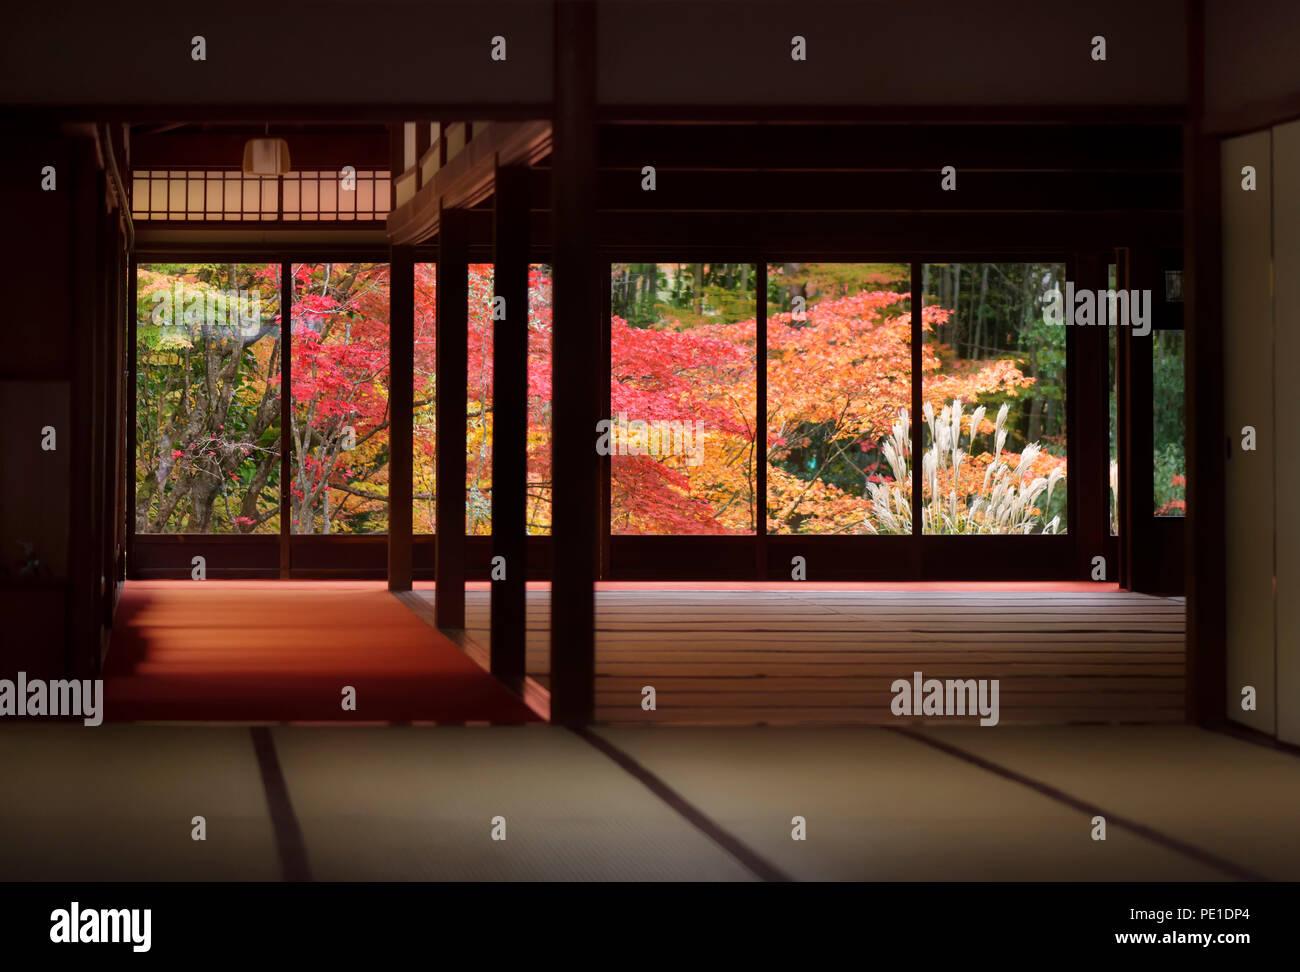 Habitación tradicional japonés interior con una hermosa naturaleza otoño colorido paisaje detrás de las ventanas. Tenjuan hall, el histórico Templo Nanzen-ji complejo Imagen De Stock